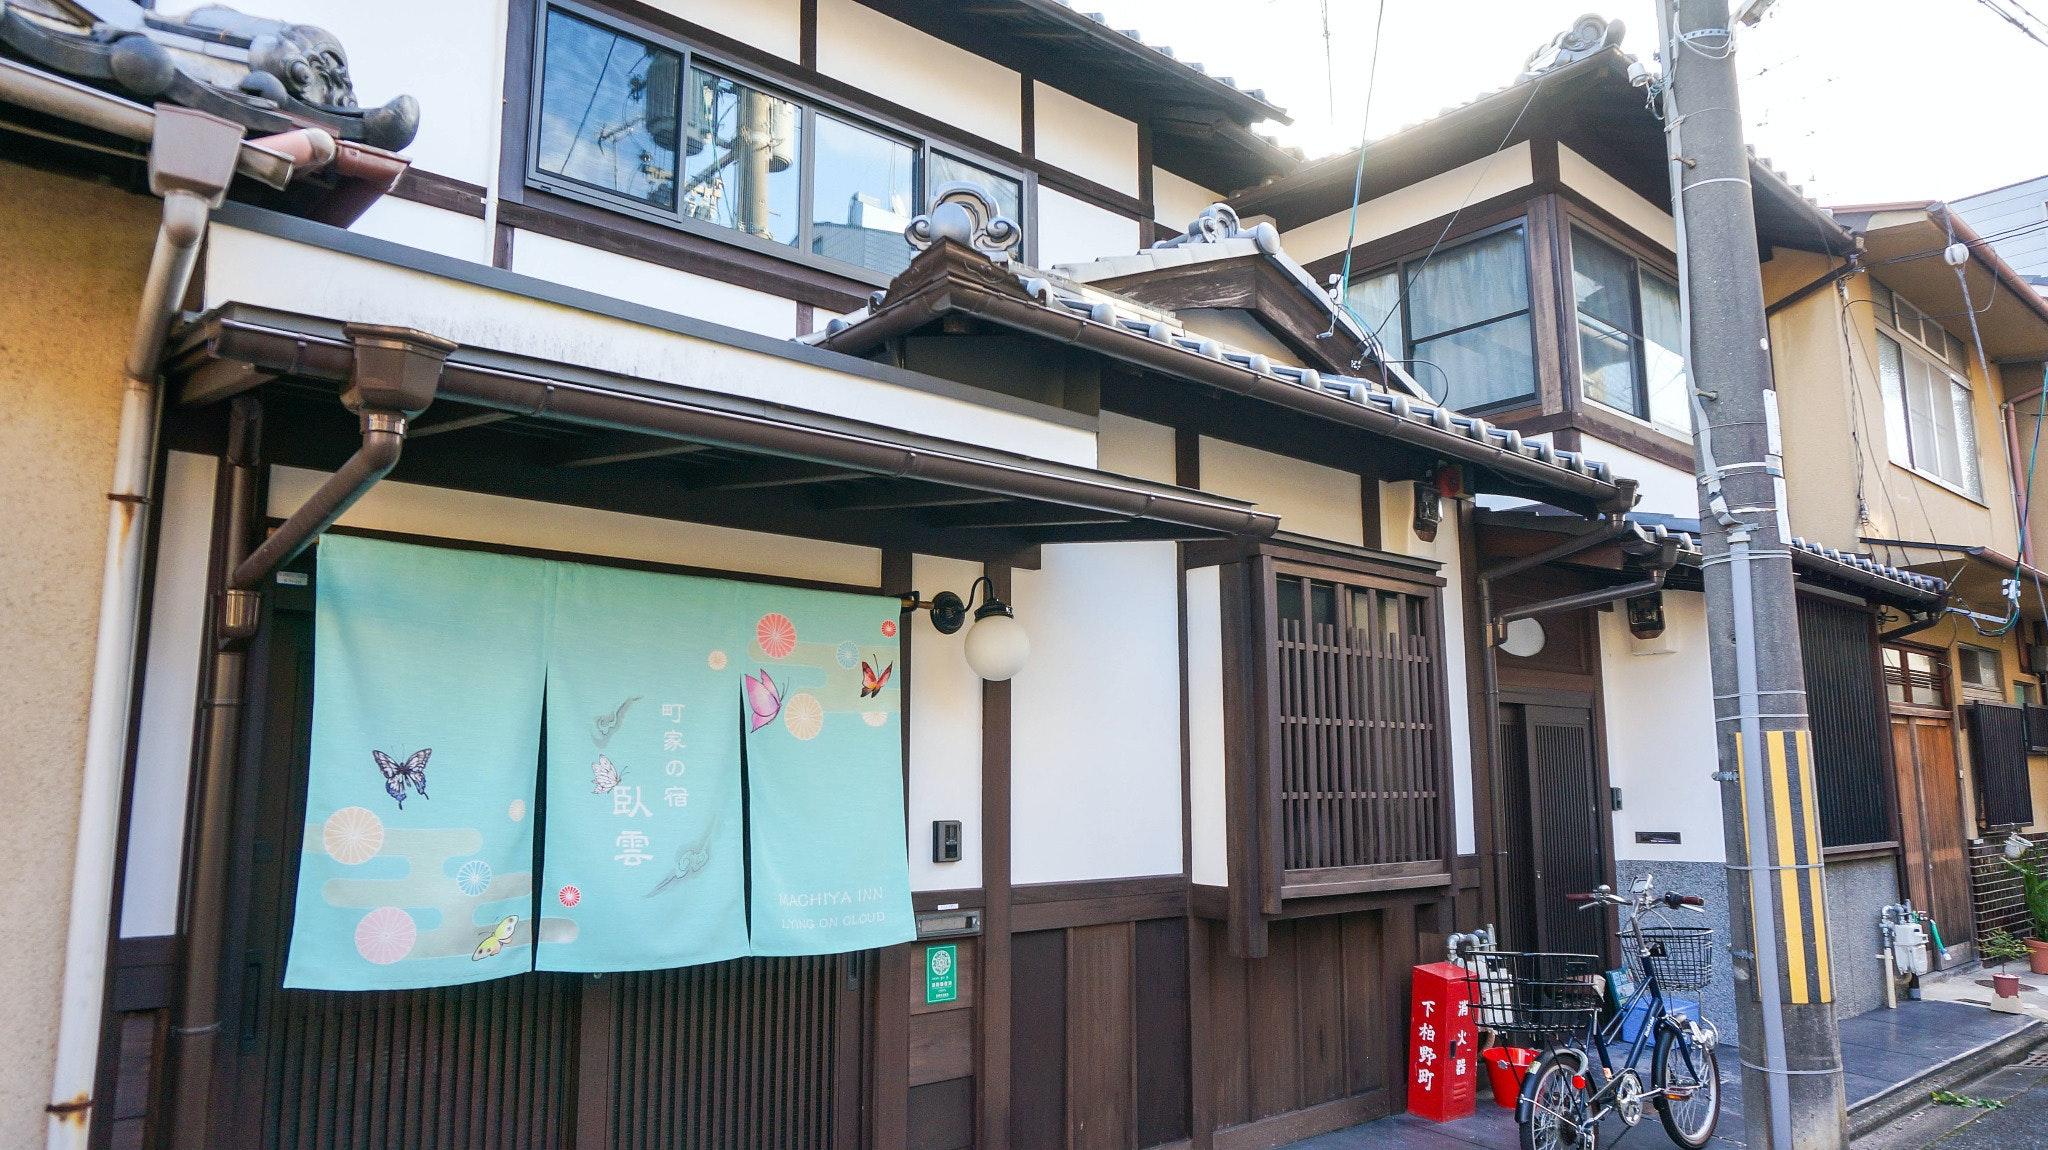 北野天満宮界隈 木の香りが安らぐ ツインルームとクイーンルームを持つ京町屋